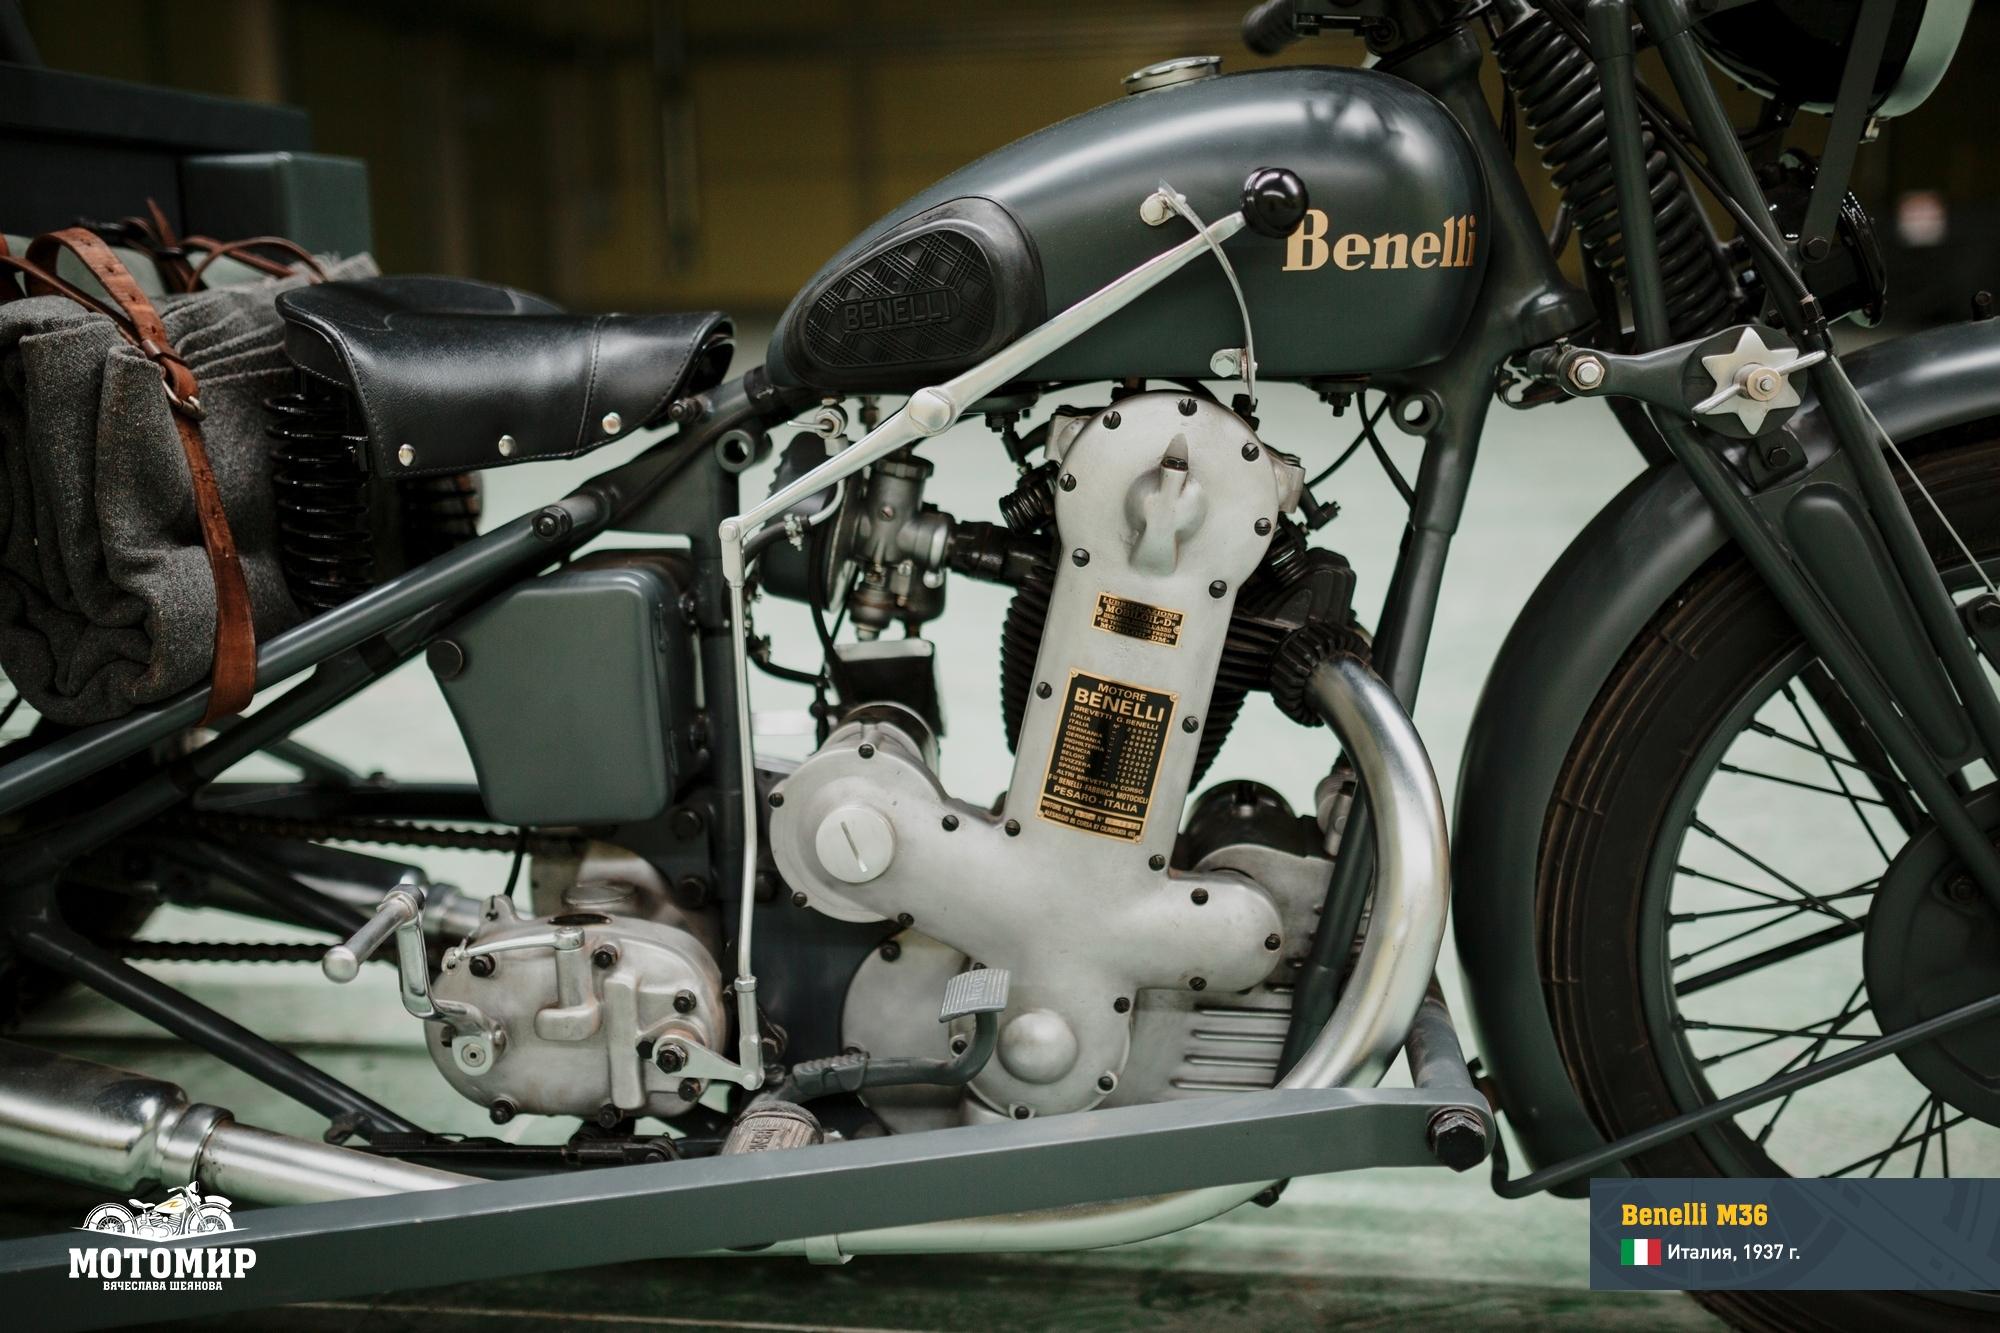 benelli-m36-201412-web-20